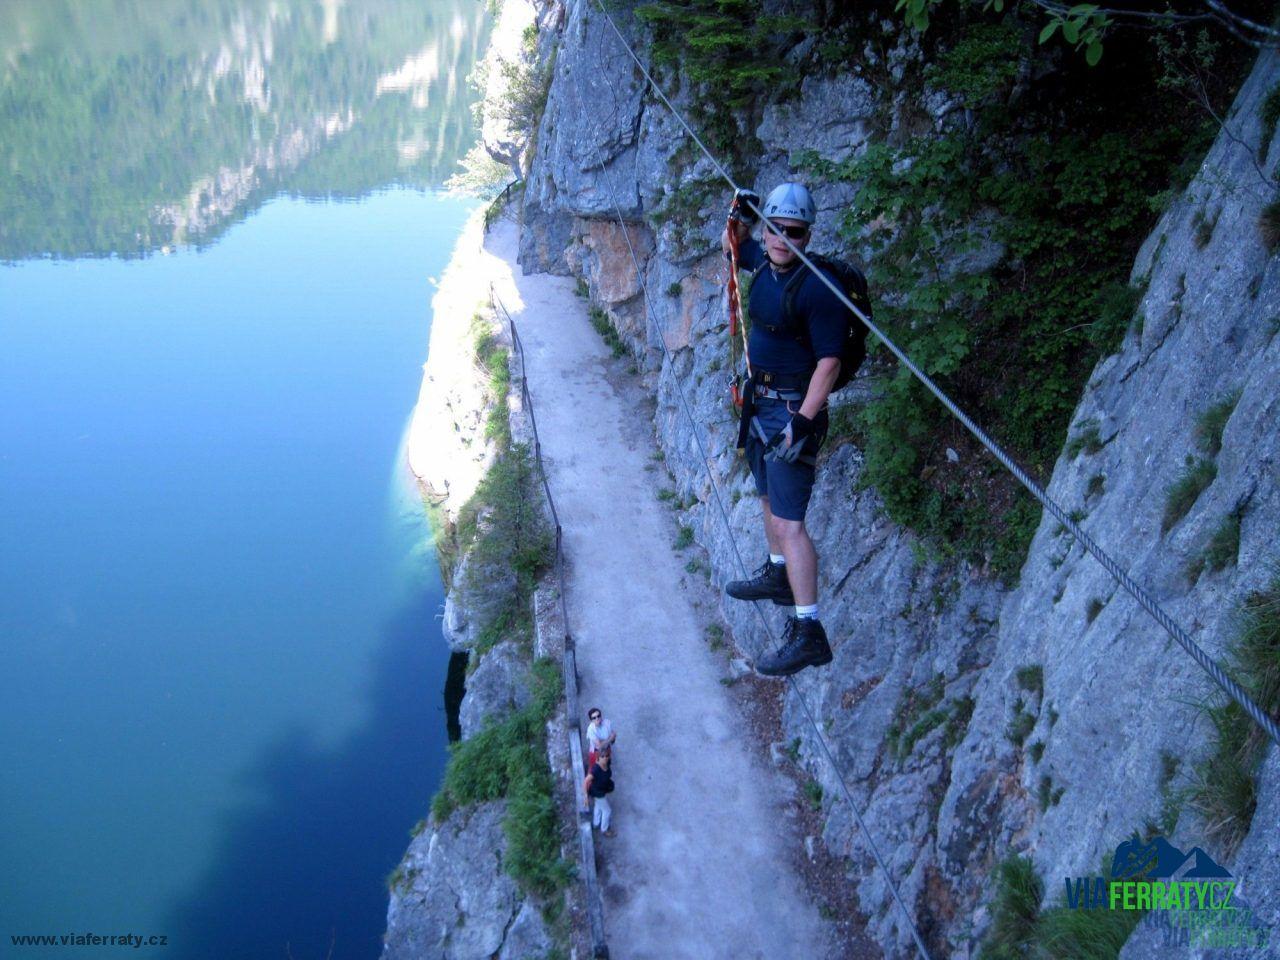 Laserer Alpin Klettersteig : Laserer alpin klettersteig am gosausee alpenverein